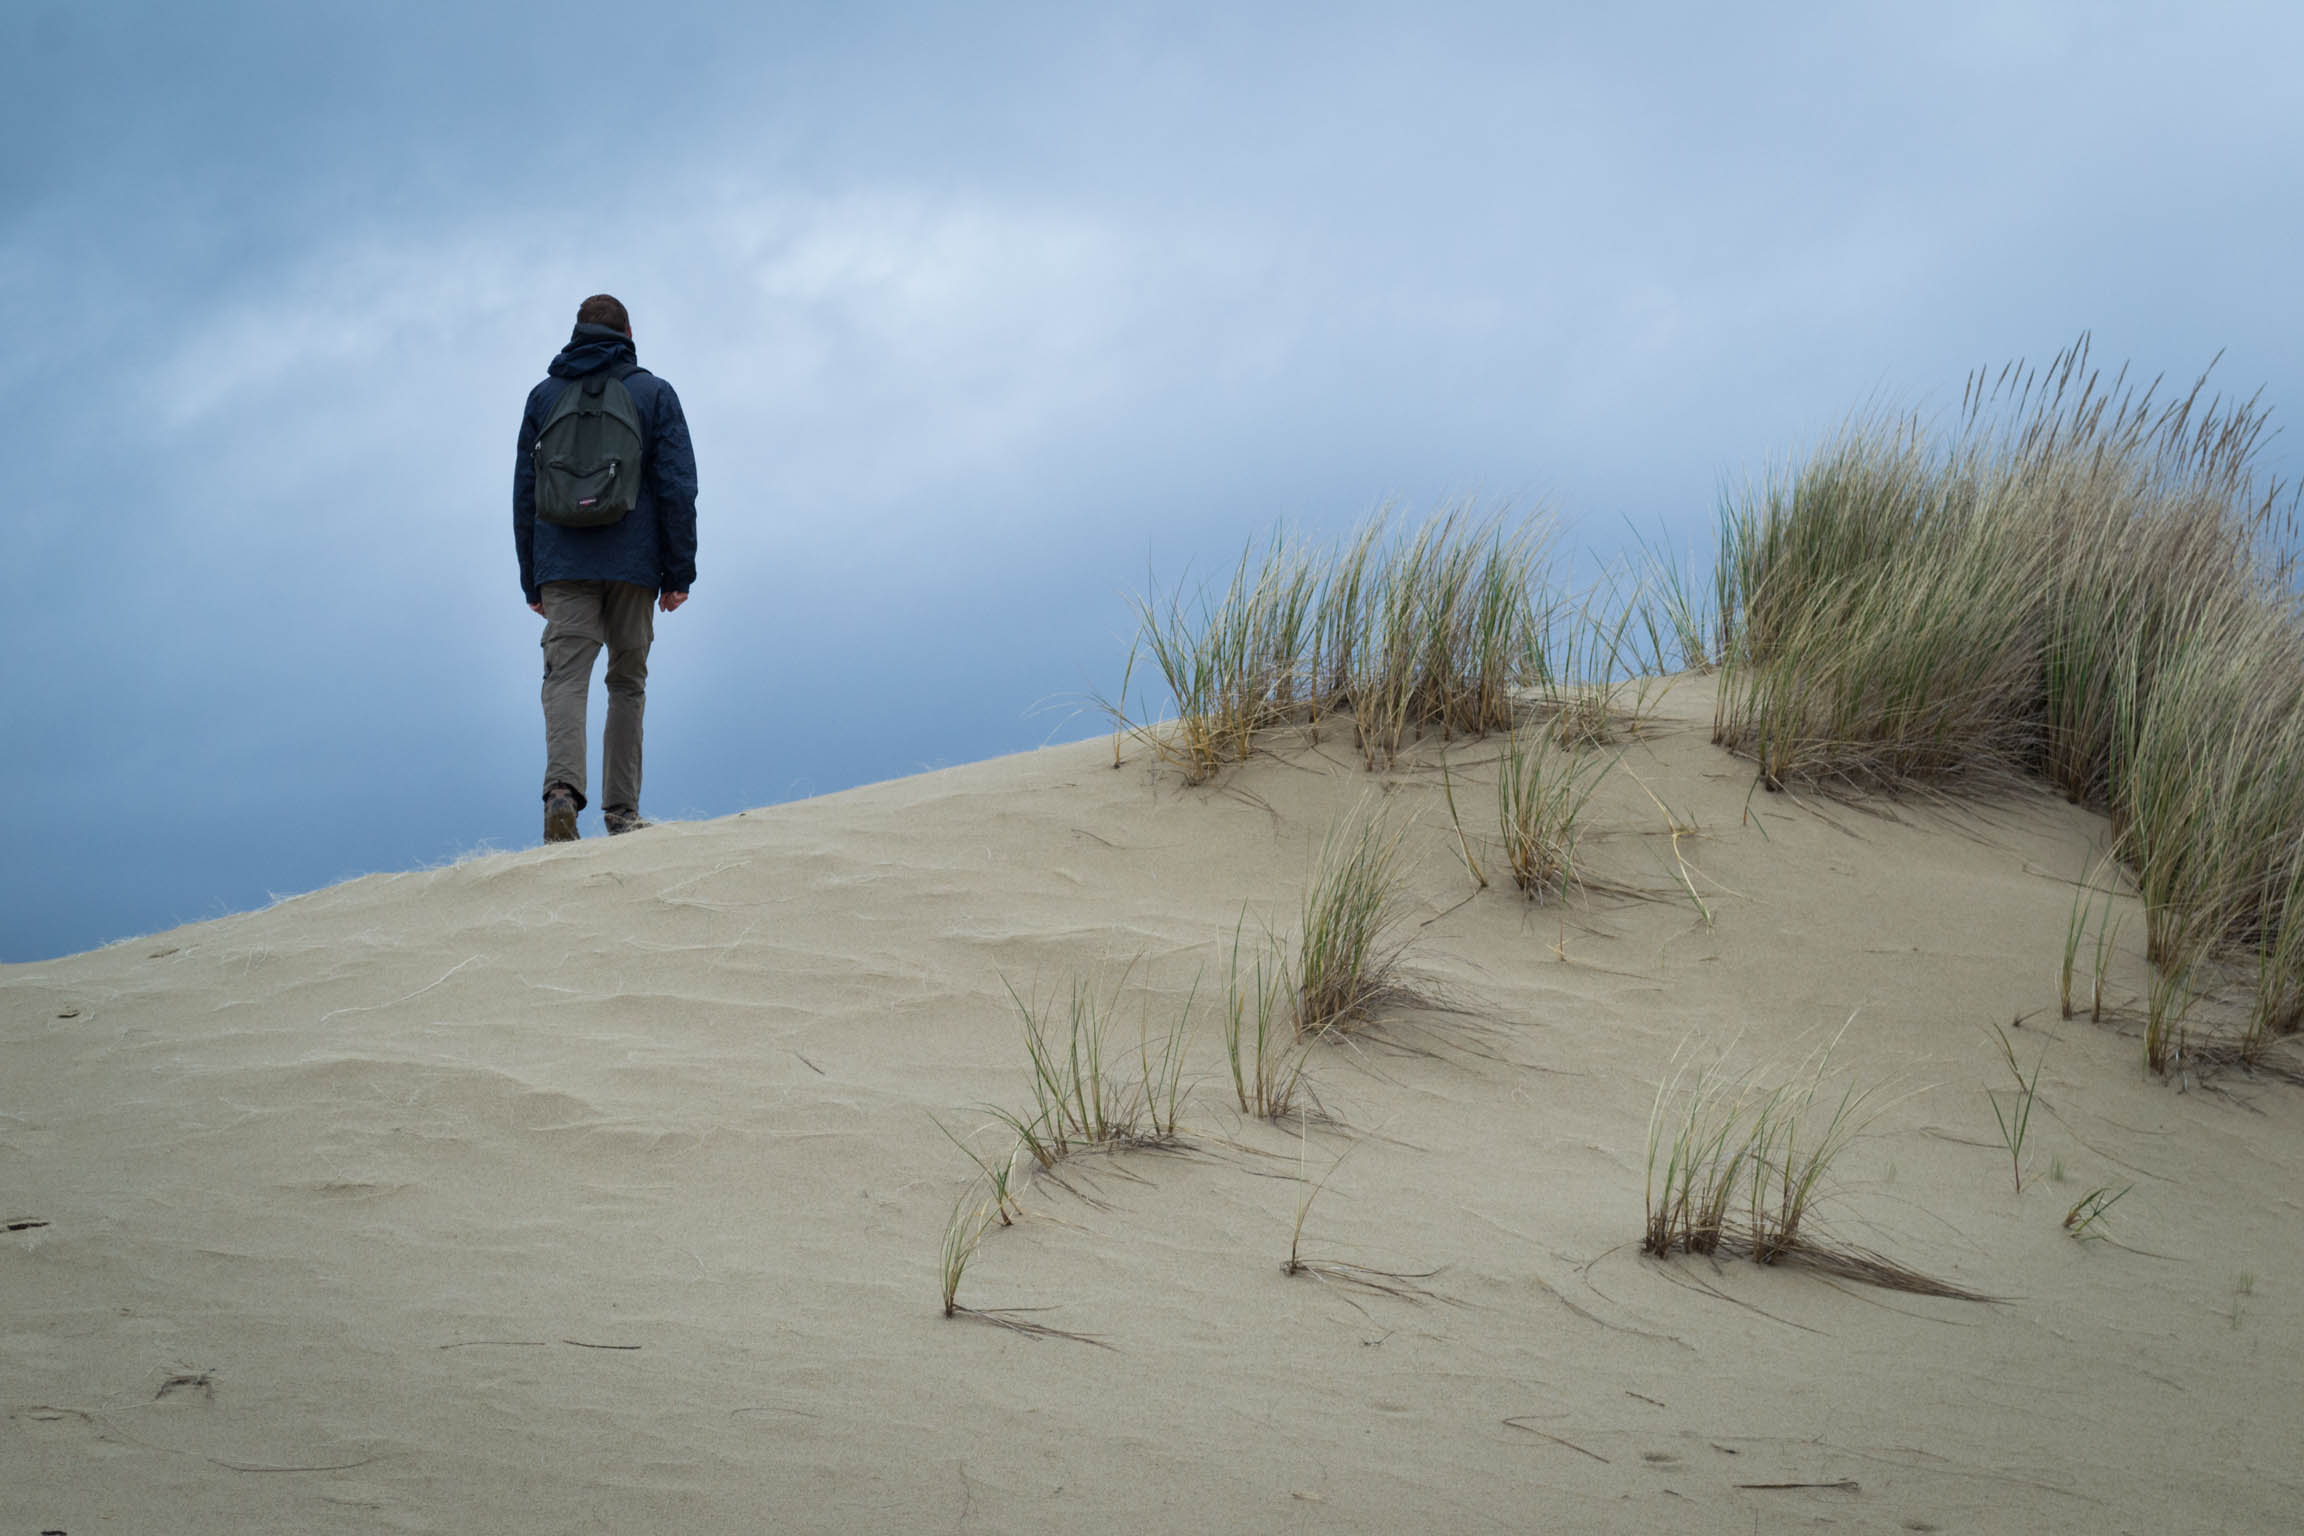 La randonnée sur les dunes pour chercher un chemin alternatif